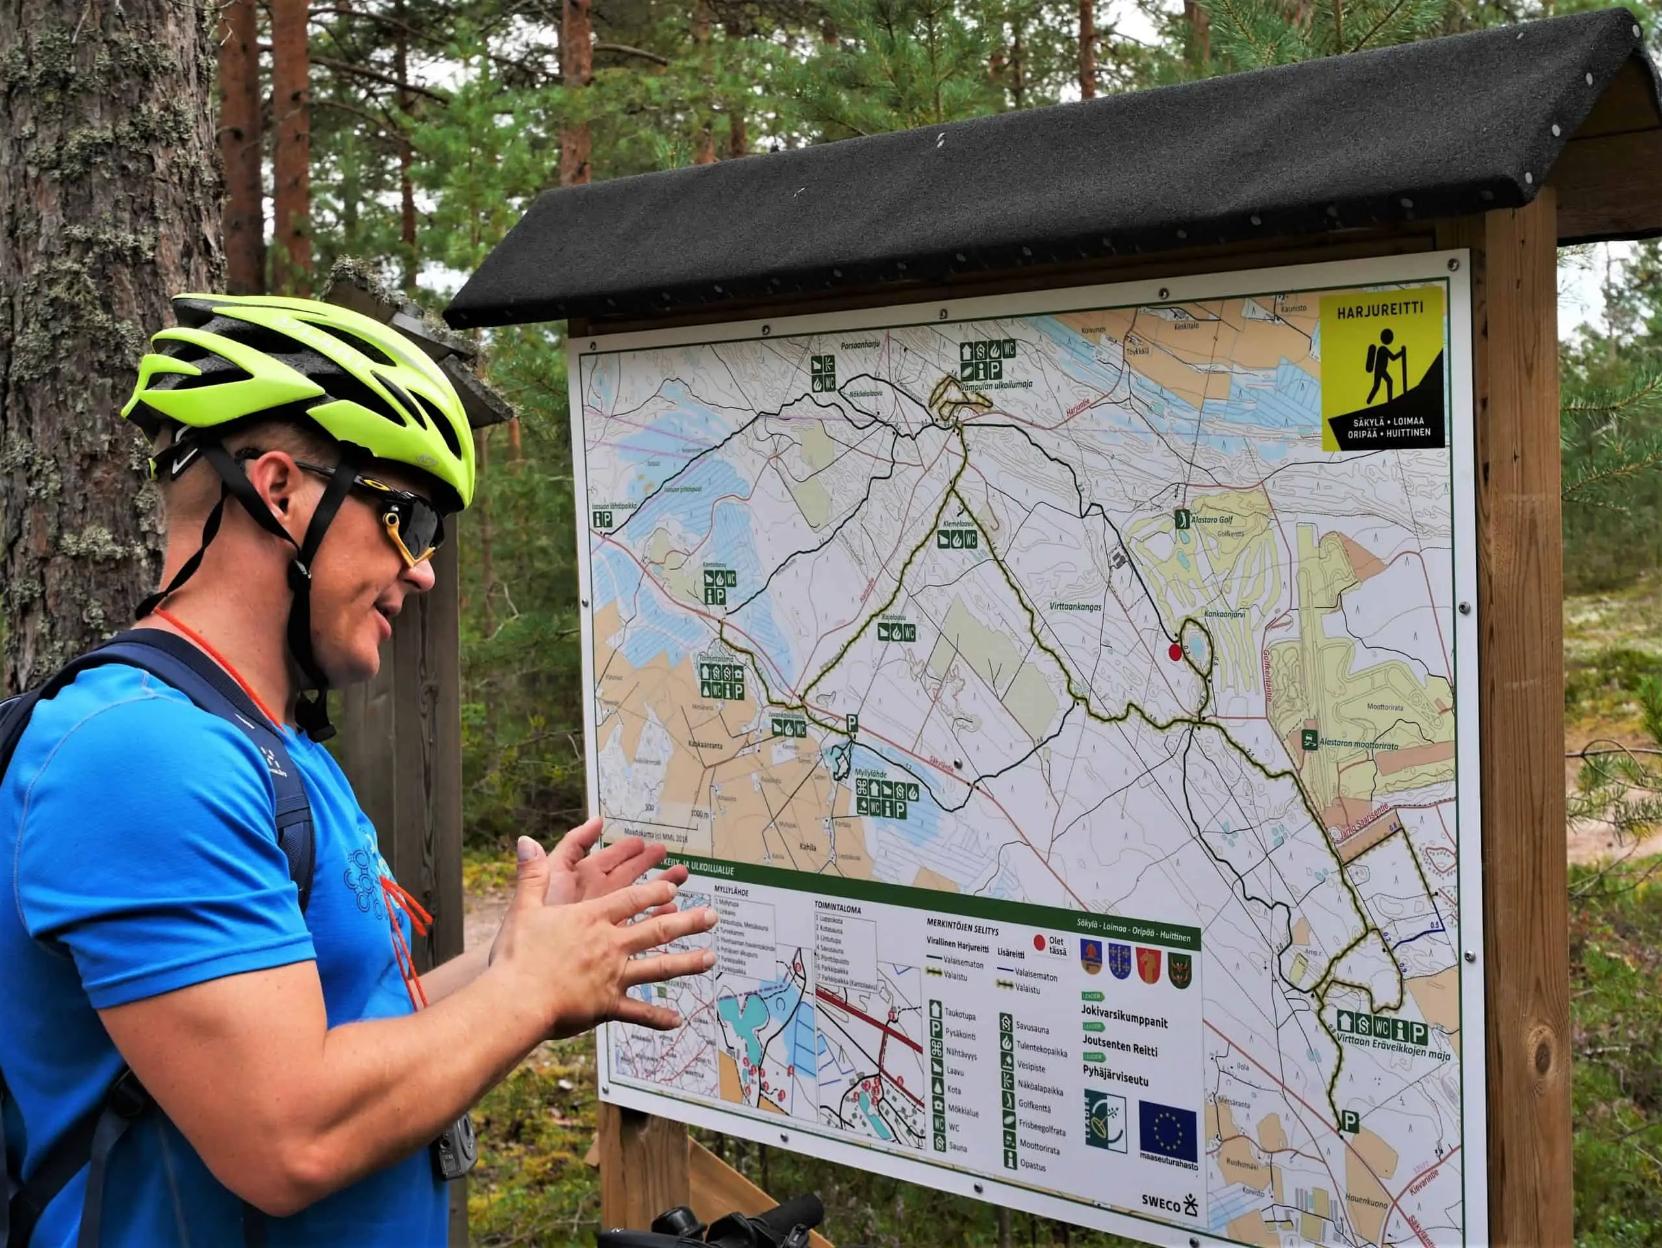 Pyöräilijä katsoo Harjureitin karttaa.